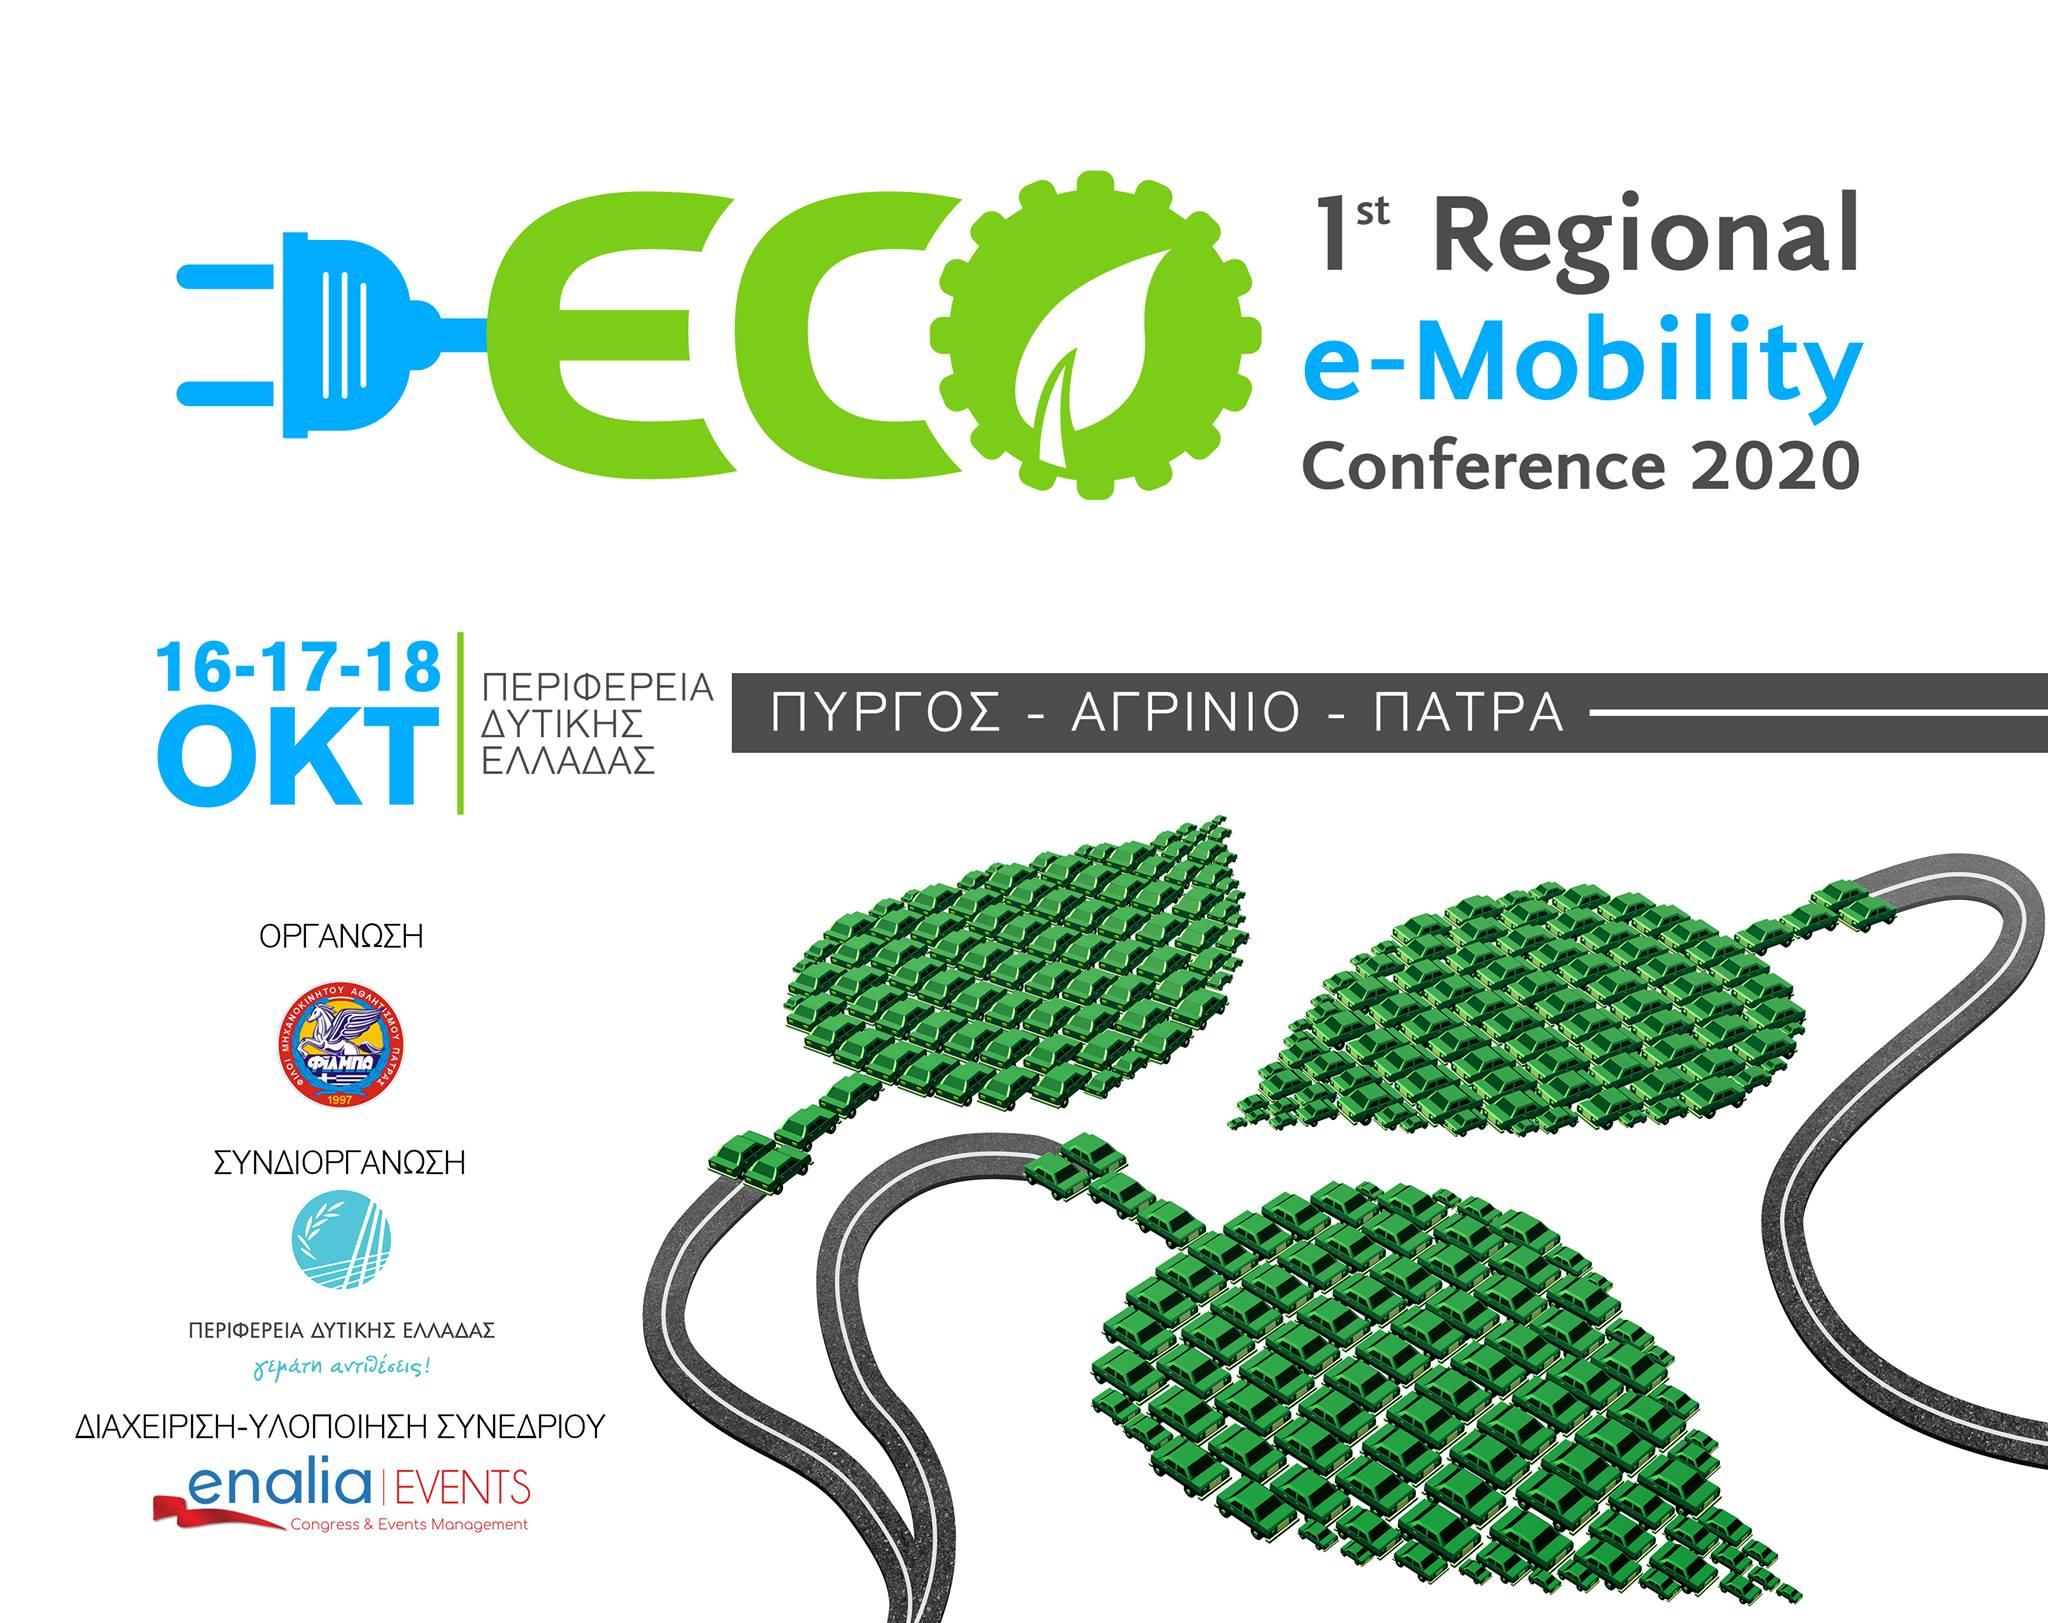 1ο Συνέδριο Ηλεκτροκίνησης Δυτικής Ελλάδας, με τίτλο «1st Regional e-Mobility Conference 2020»